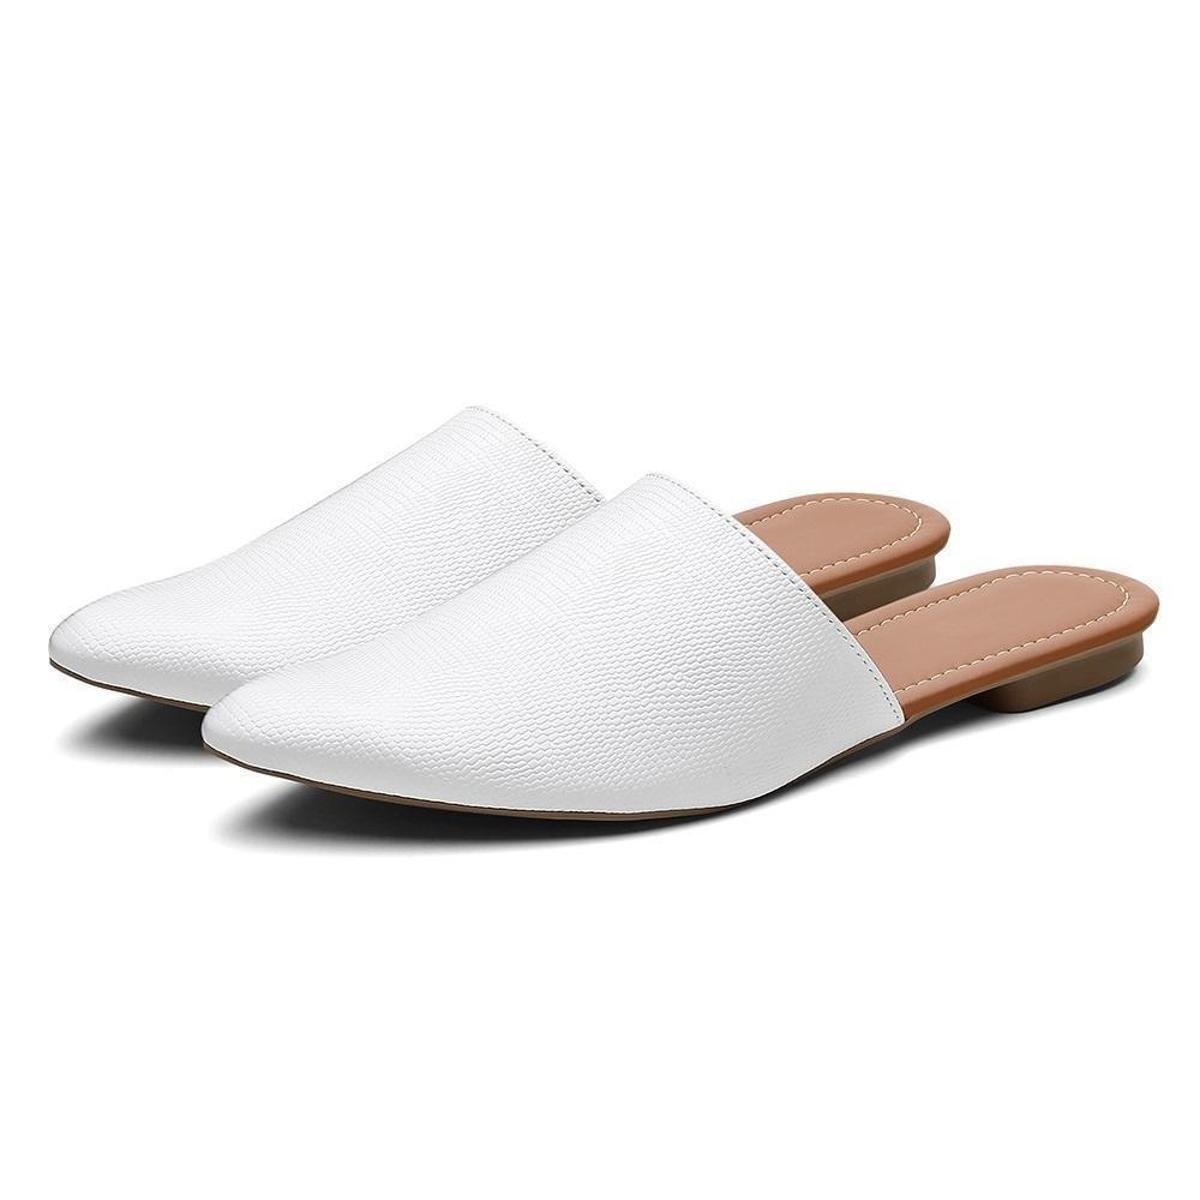 Mule Duo Fashion Casual Liso Bico Fino Baixo Feminino - Branco